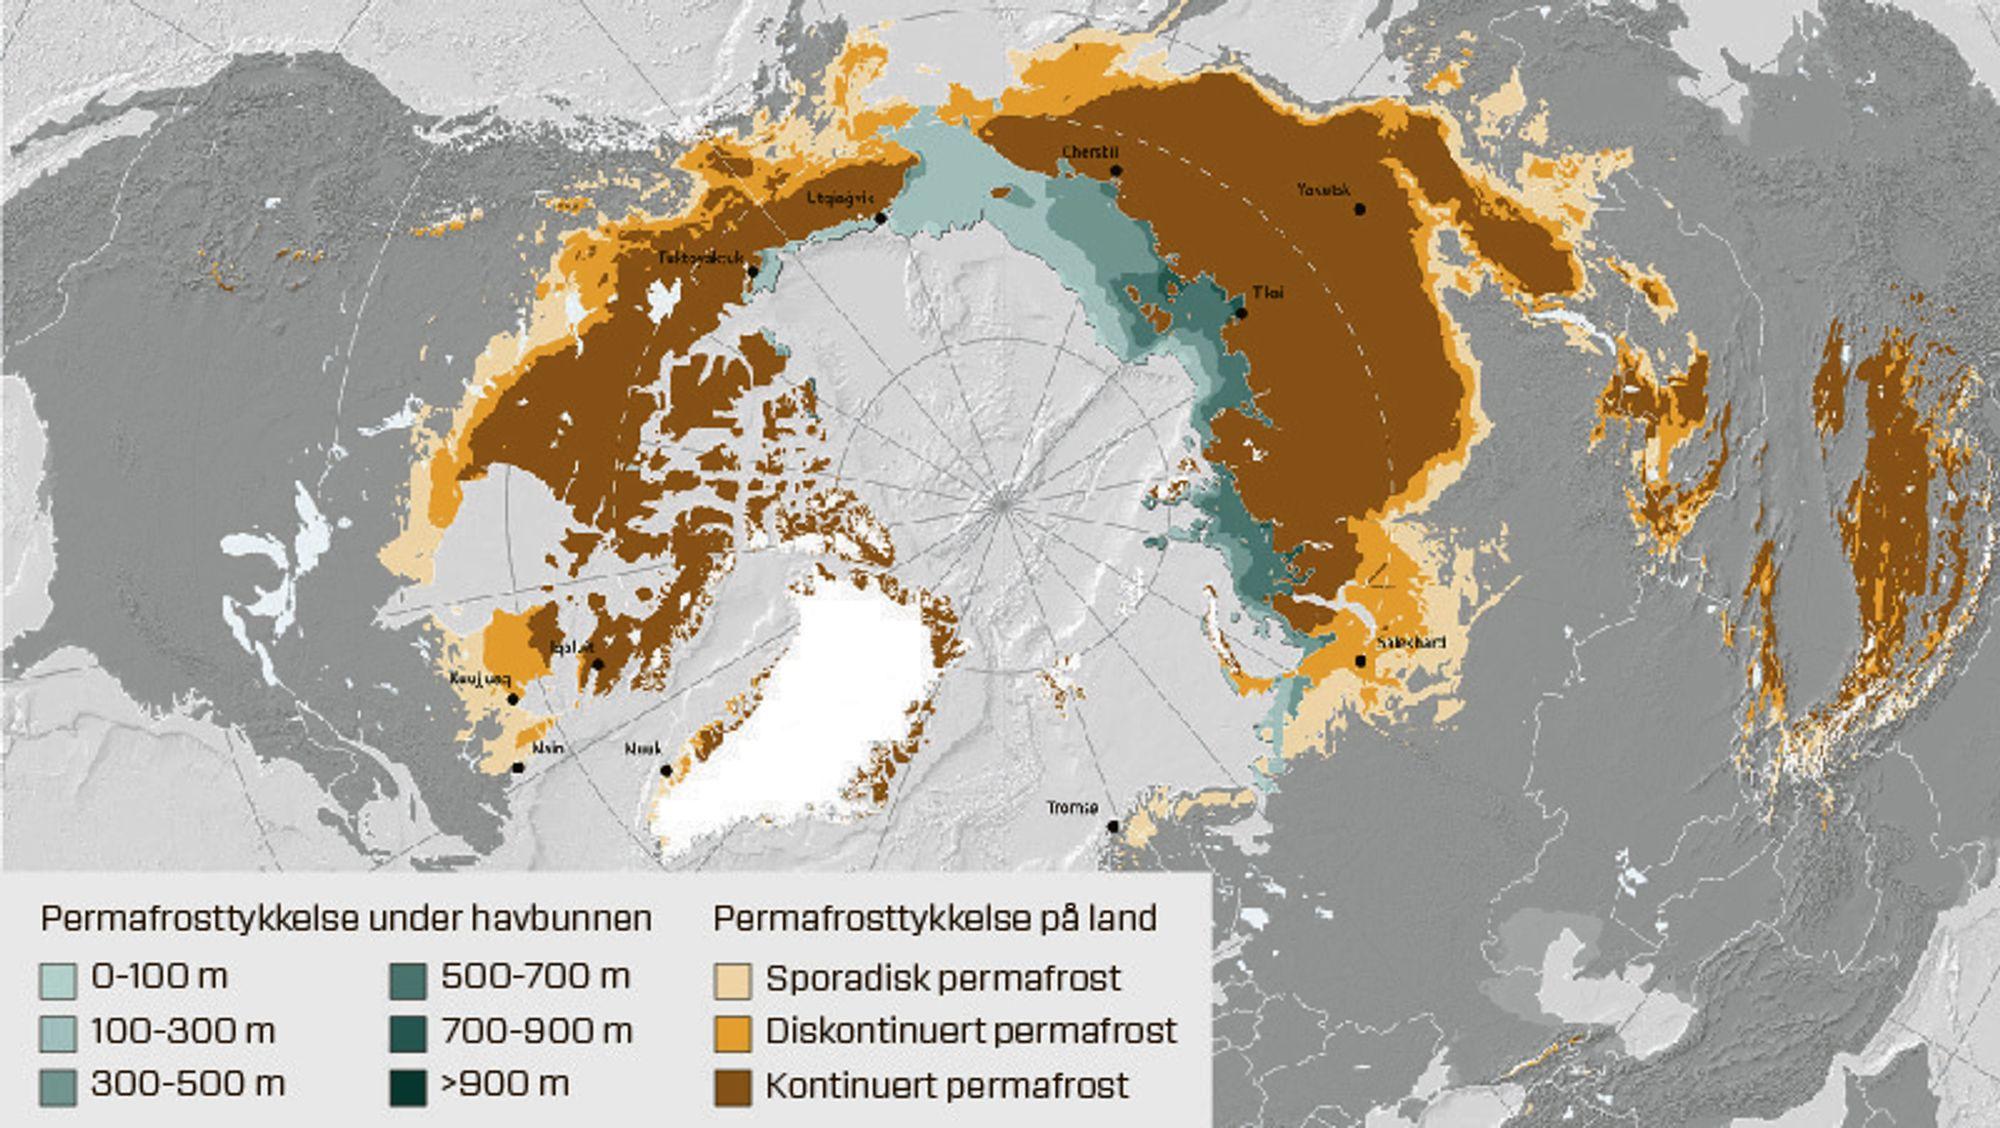 Bildet viser utbredelsen av permafrost på den nordlige halvkule.